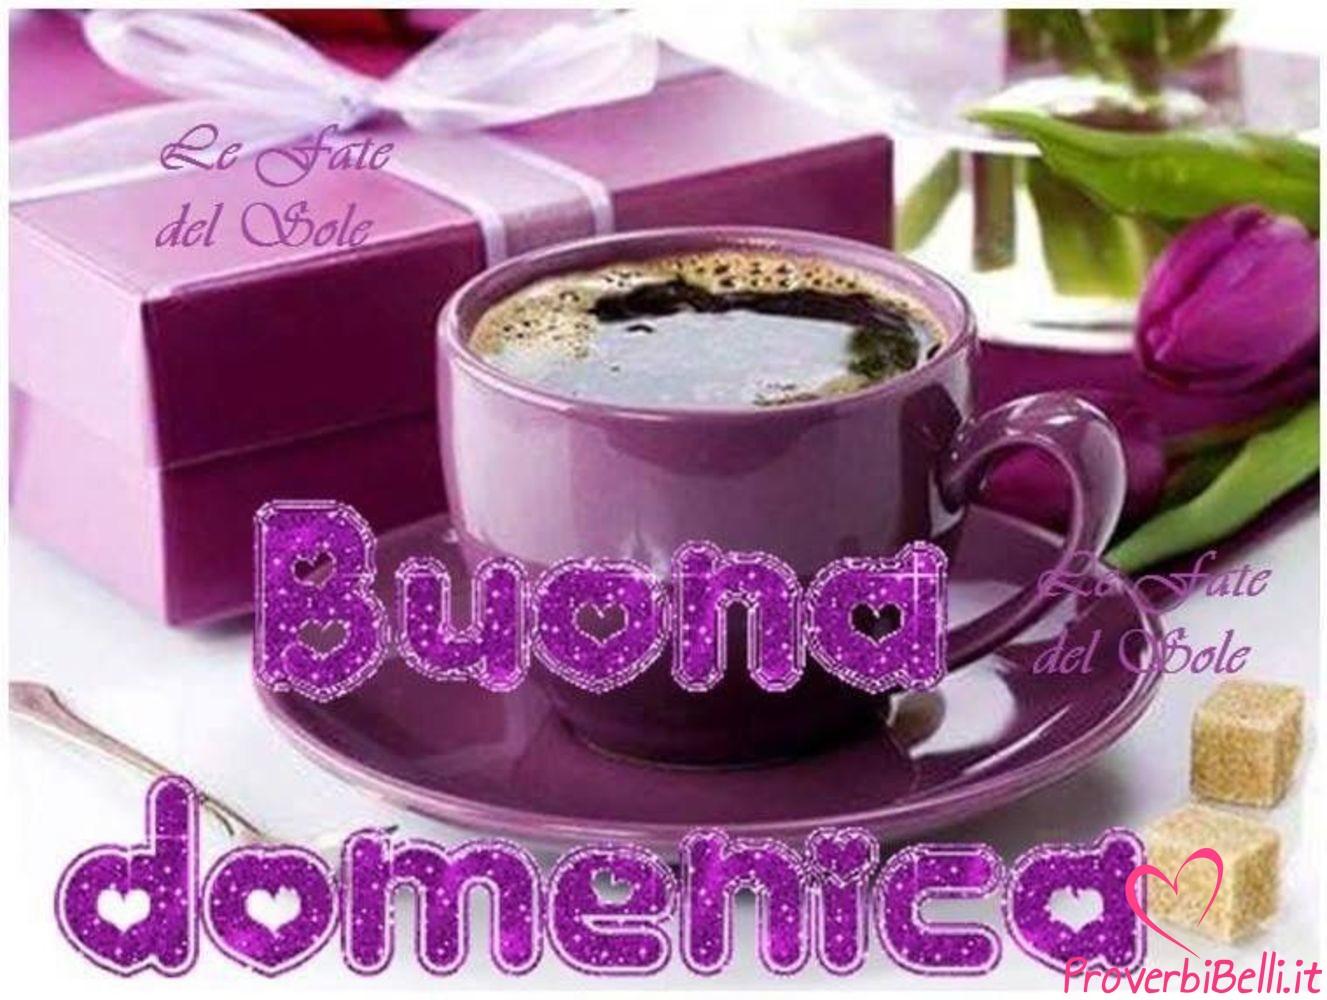 Buongiorno-Domenica-Immagini-Buona-per-Facebook-Whatsapp-761